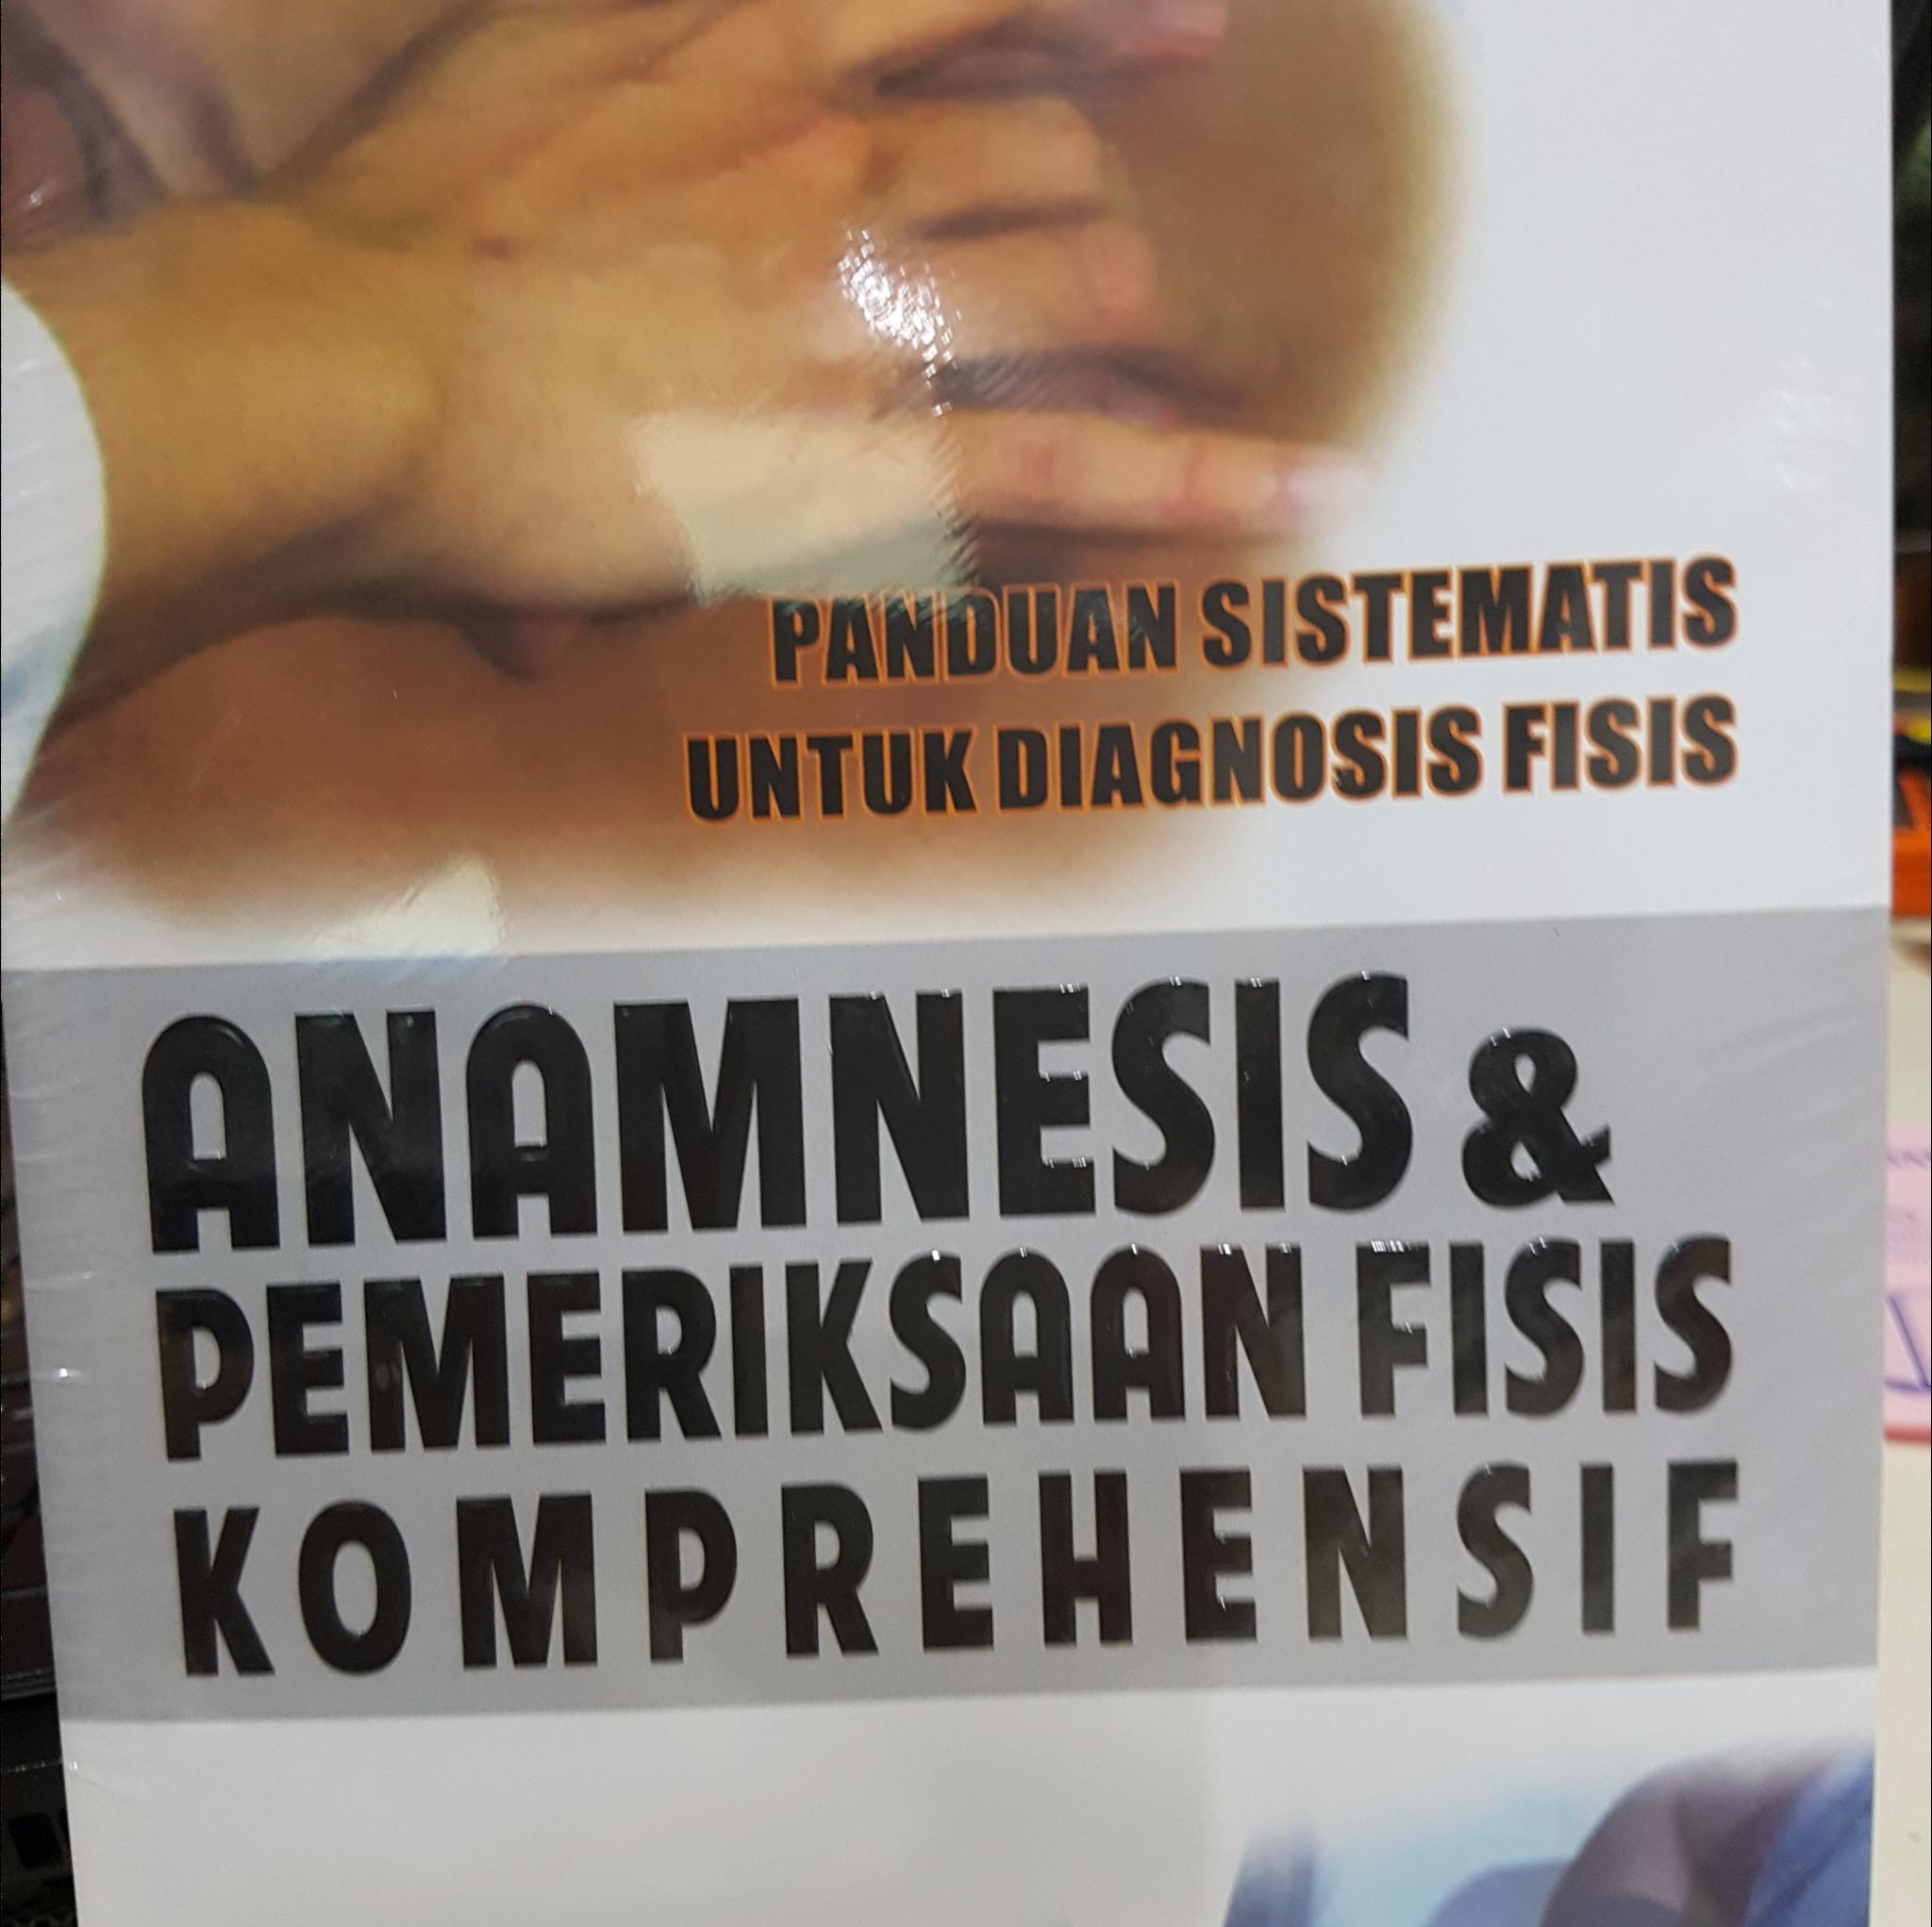 [ORIGINAL]Anamnesis \u0026 Pemeriksaan Fisis Komprehensif - Siti Setiati